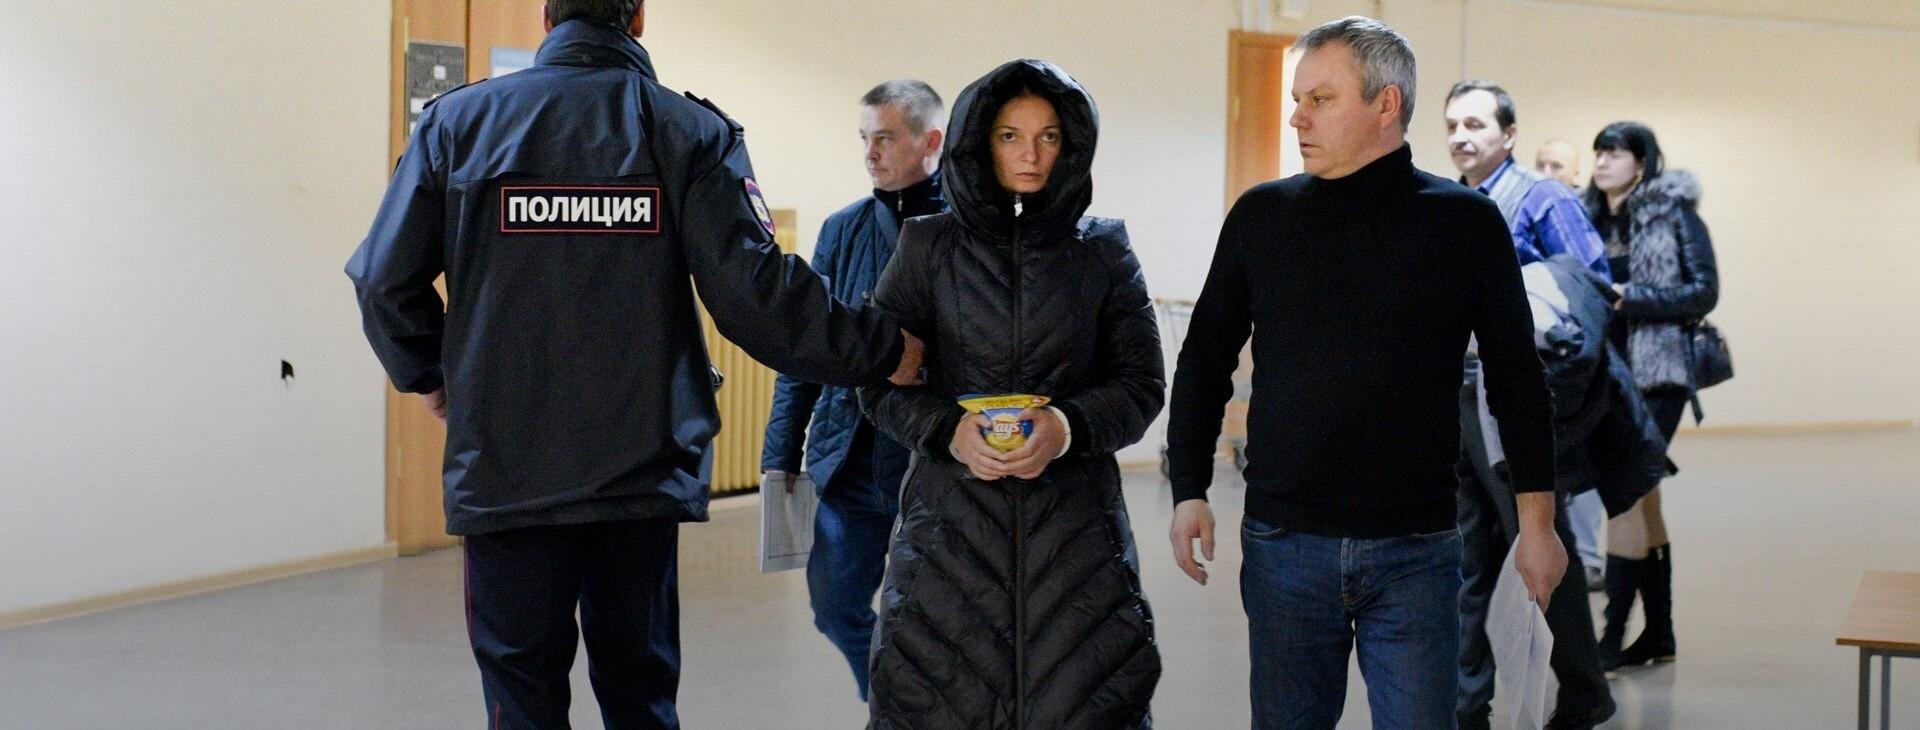 Cуд отправил совладелицу бренда мультиварок Redmond в колонию на год за неуплату налогов на 2 млрд рублей